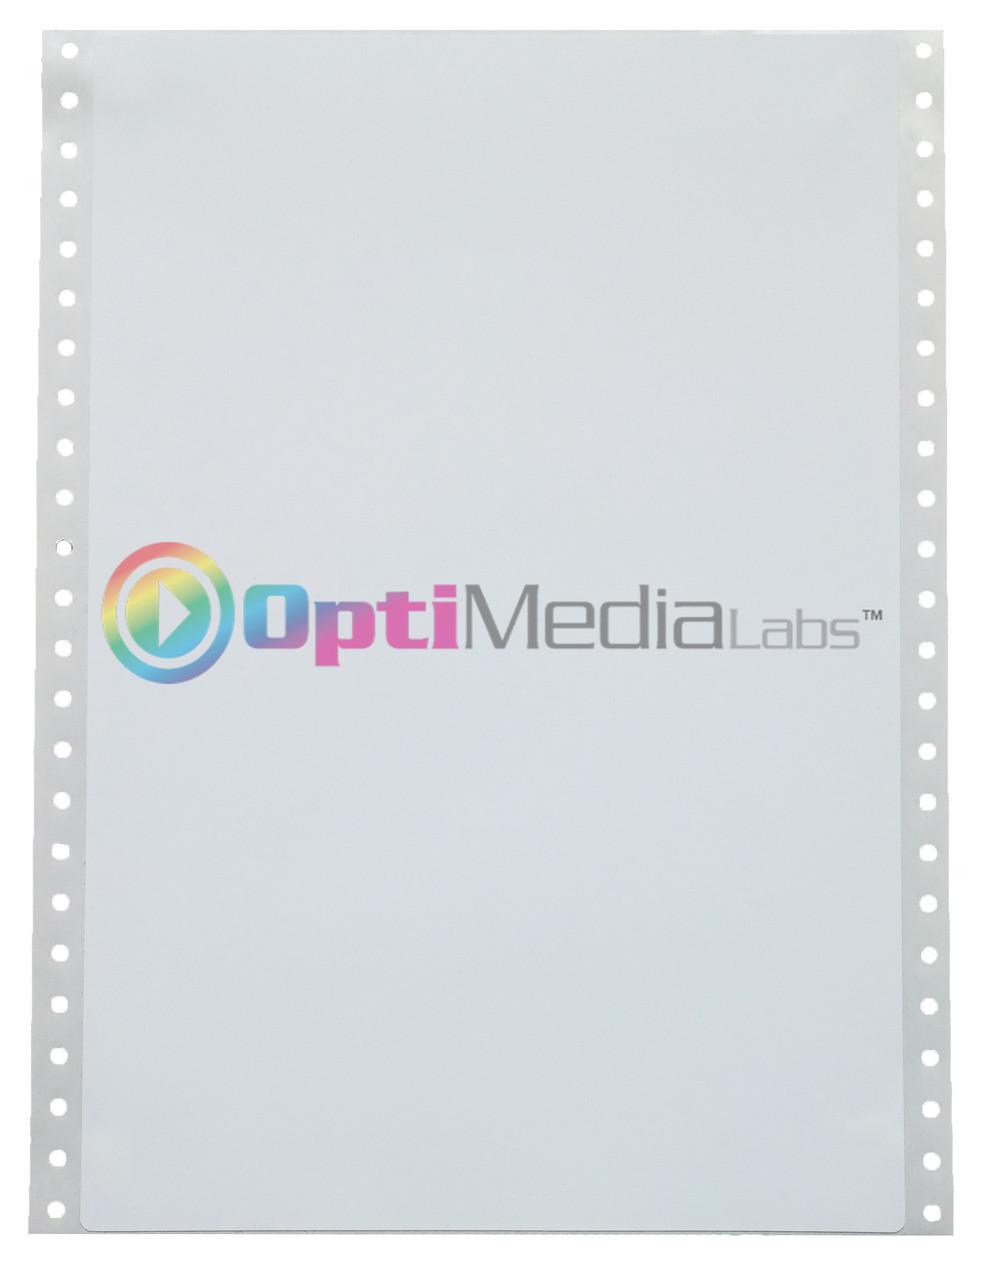 """Epson GP-C831 8.5"""" x 13 7/8 Matte Polypropylene Labels"""